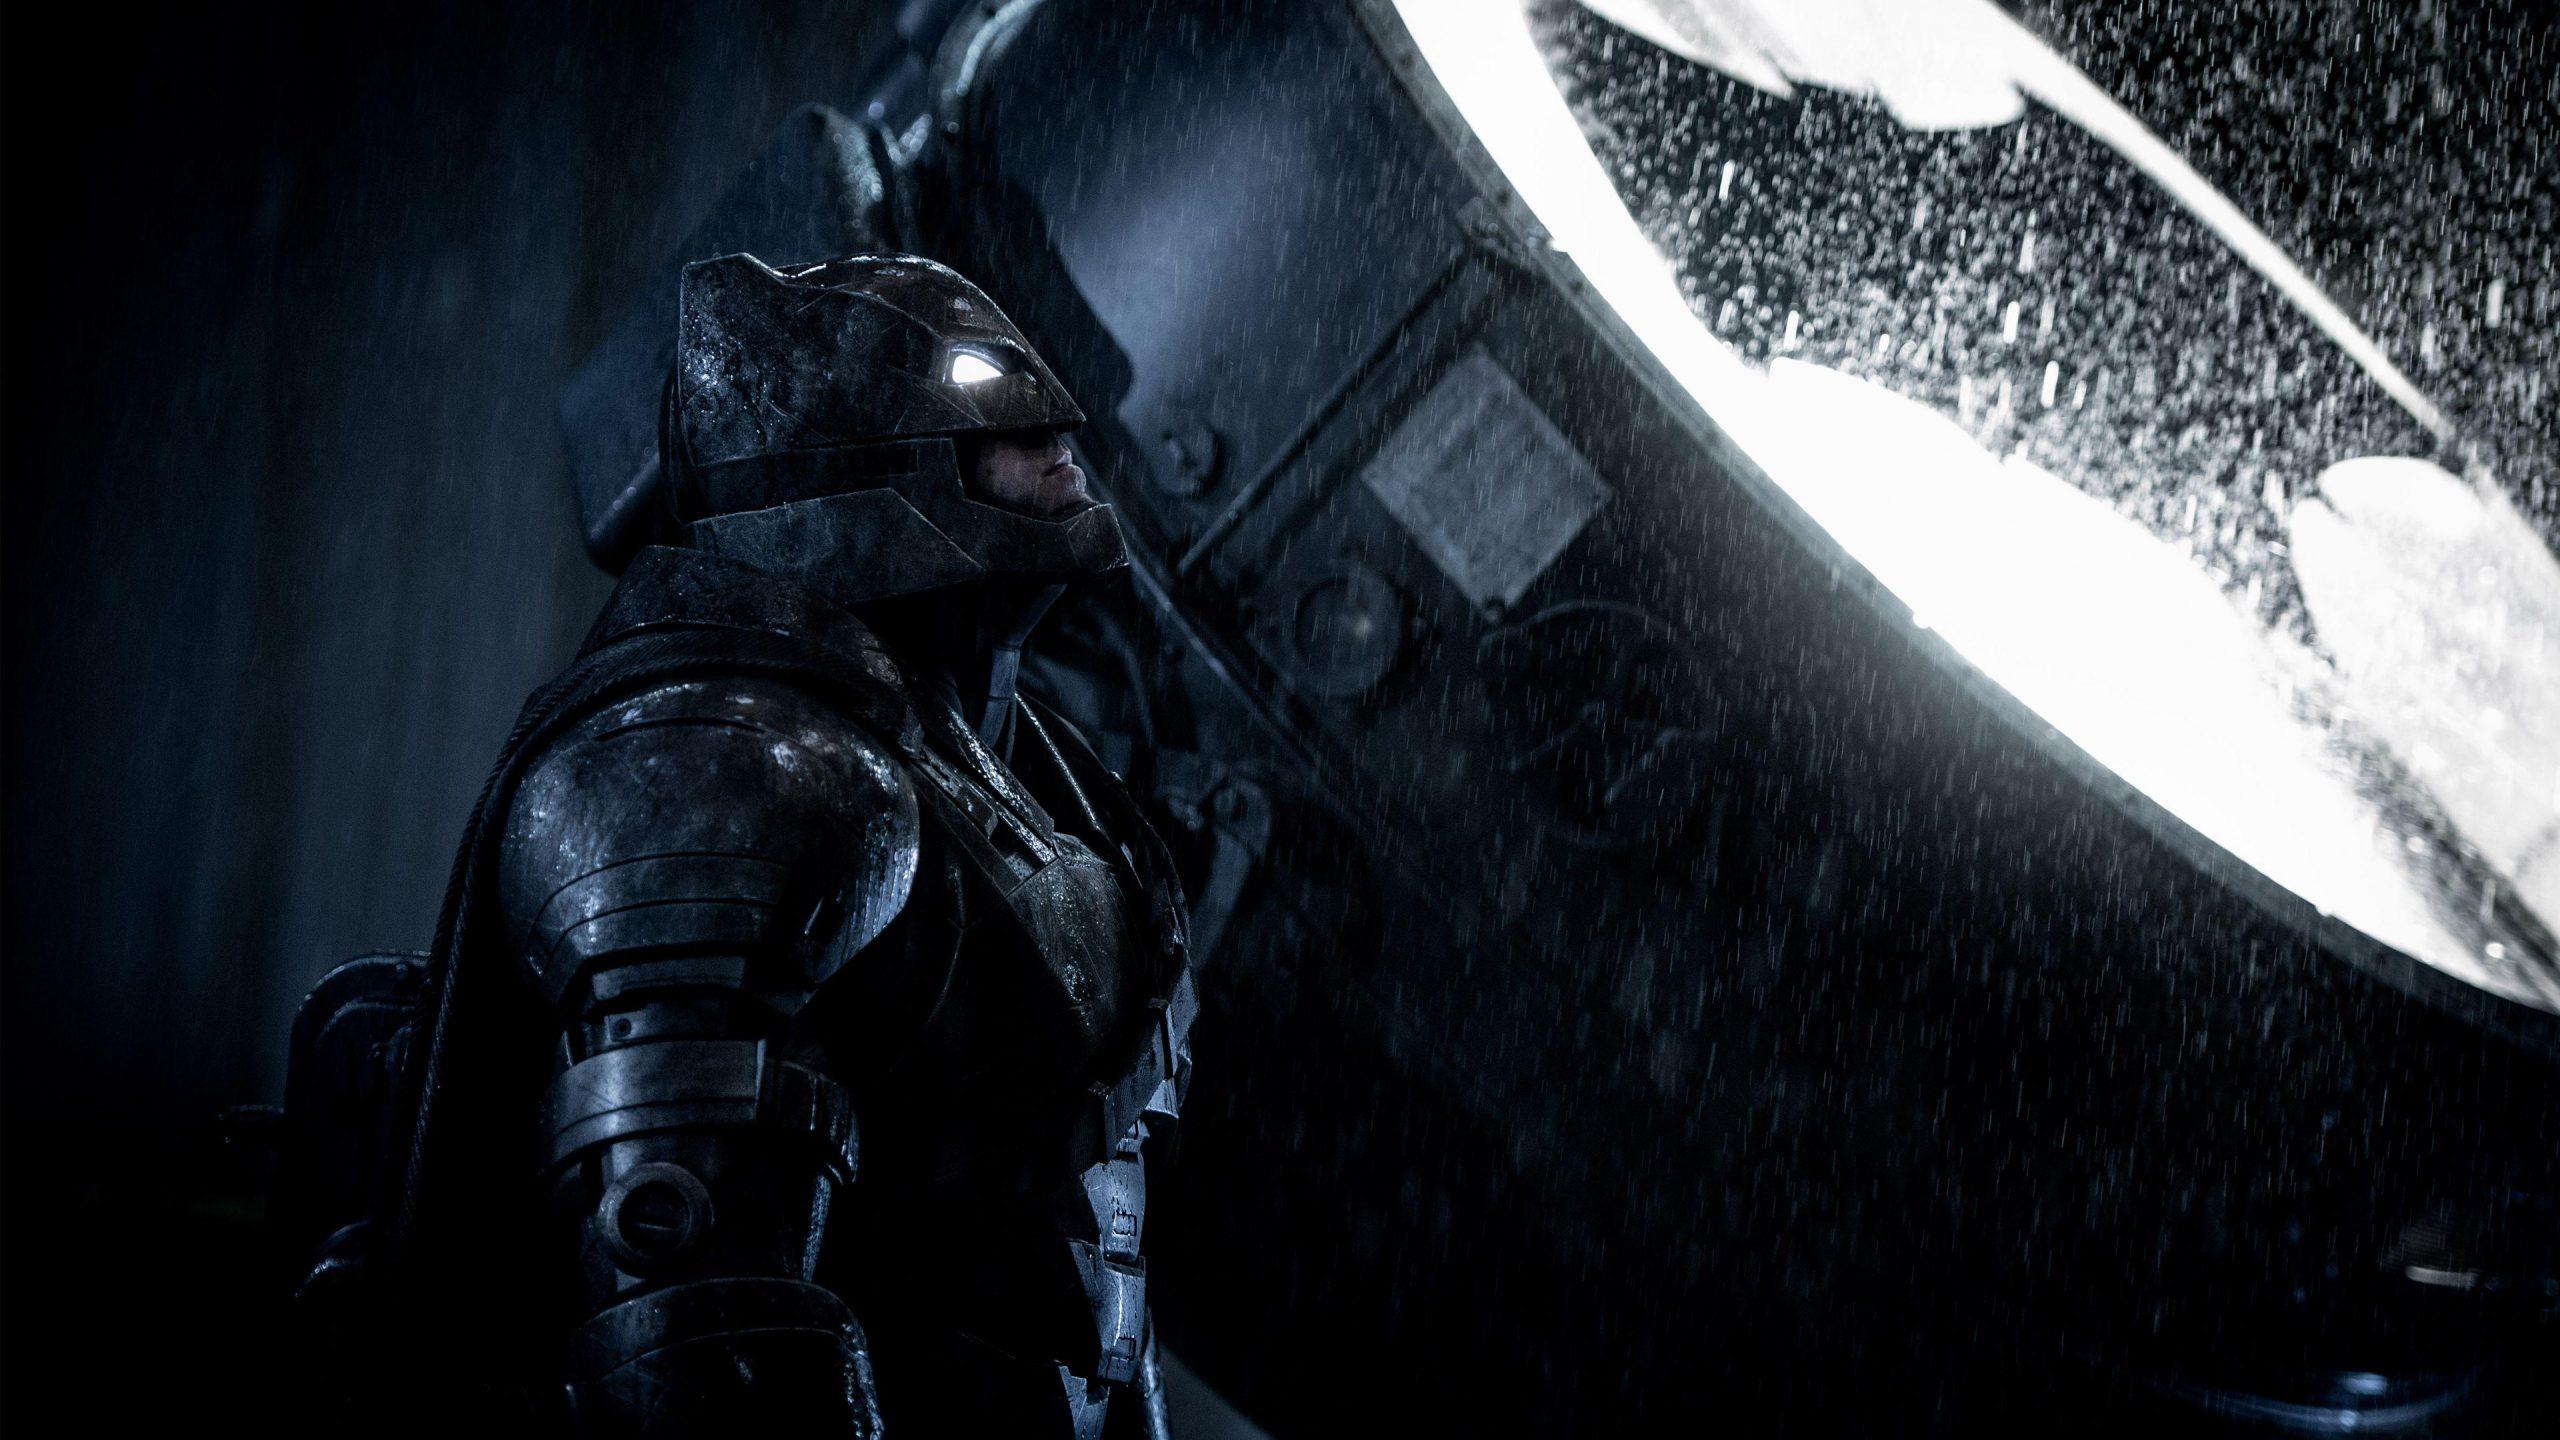 Engenharia e UX Design: o caso do traje do Batman